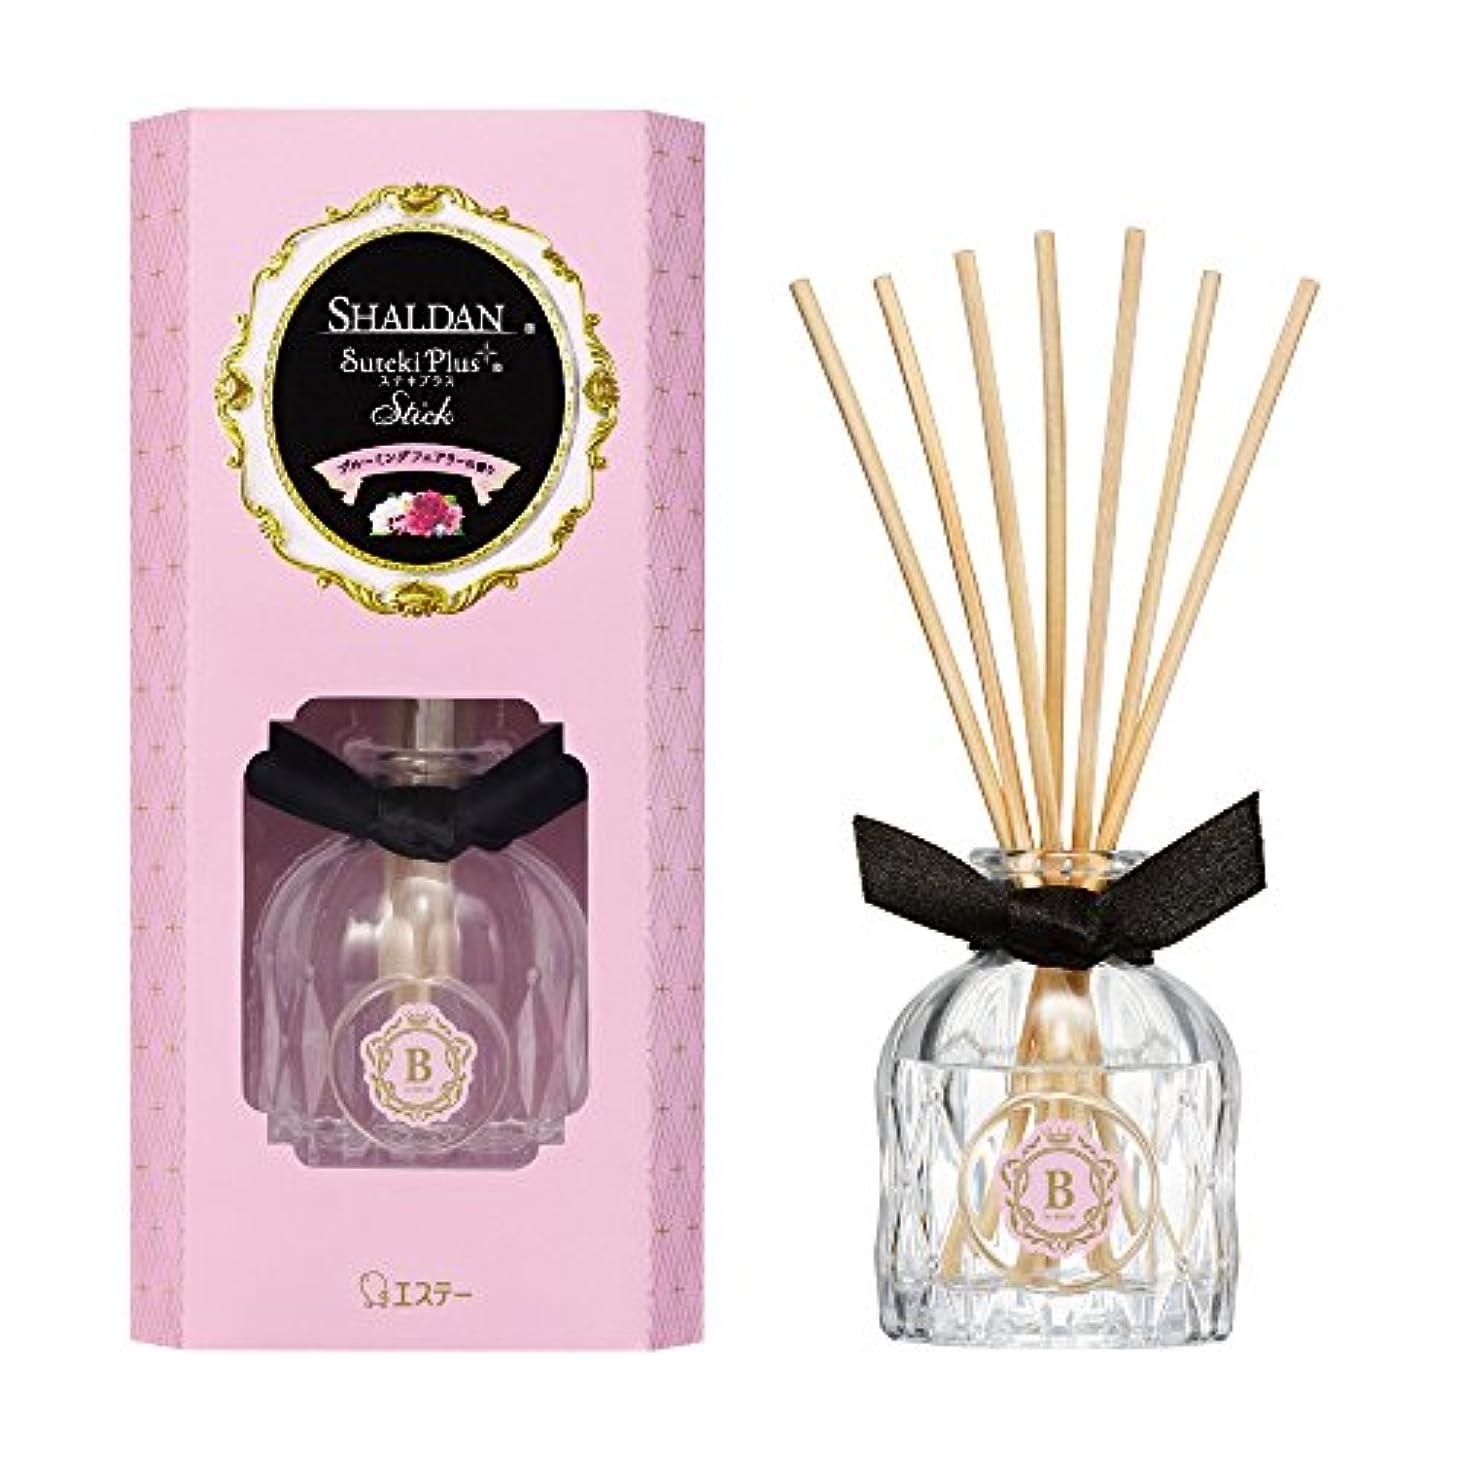 神社重要な石鹸シャルダン SHALDAN ステキプラス スティック 芳香剤 部屋用 ブルーミングフェアリーの香り 45mL